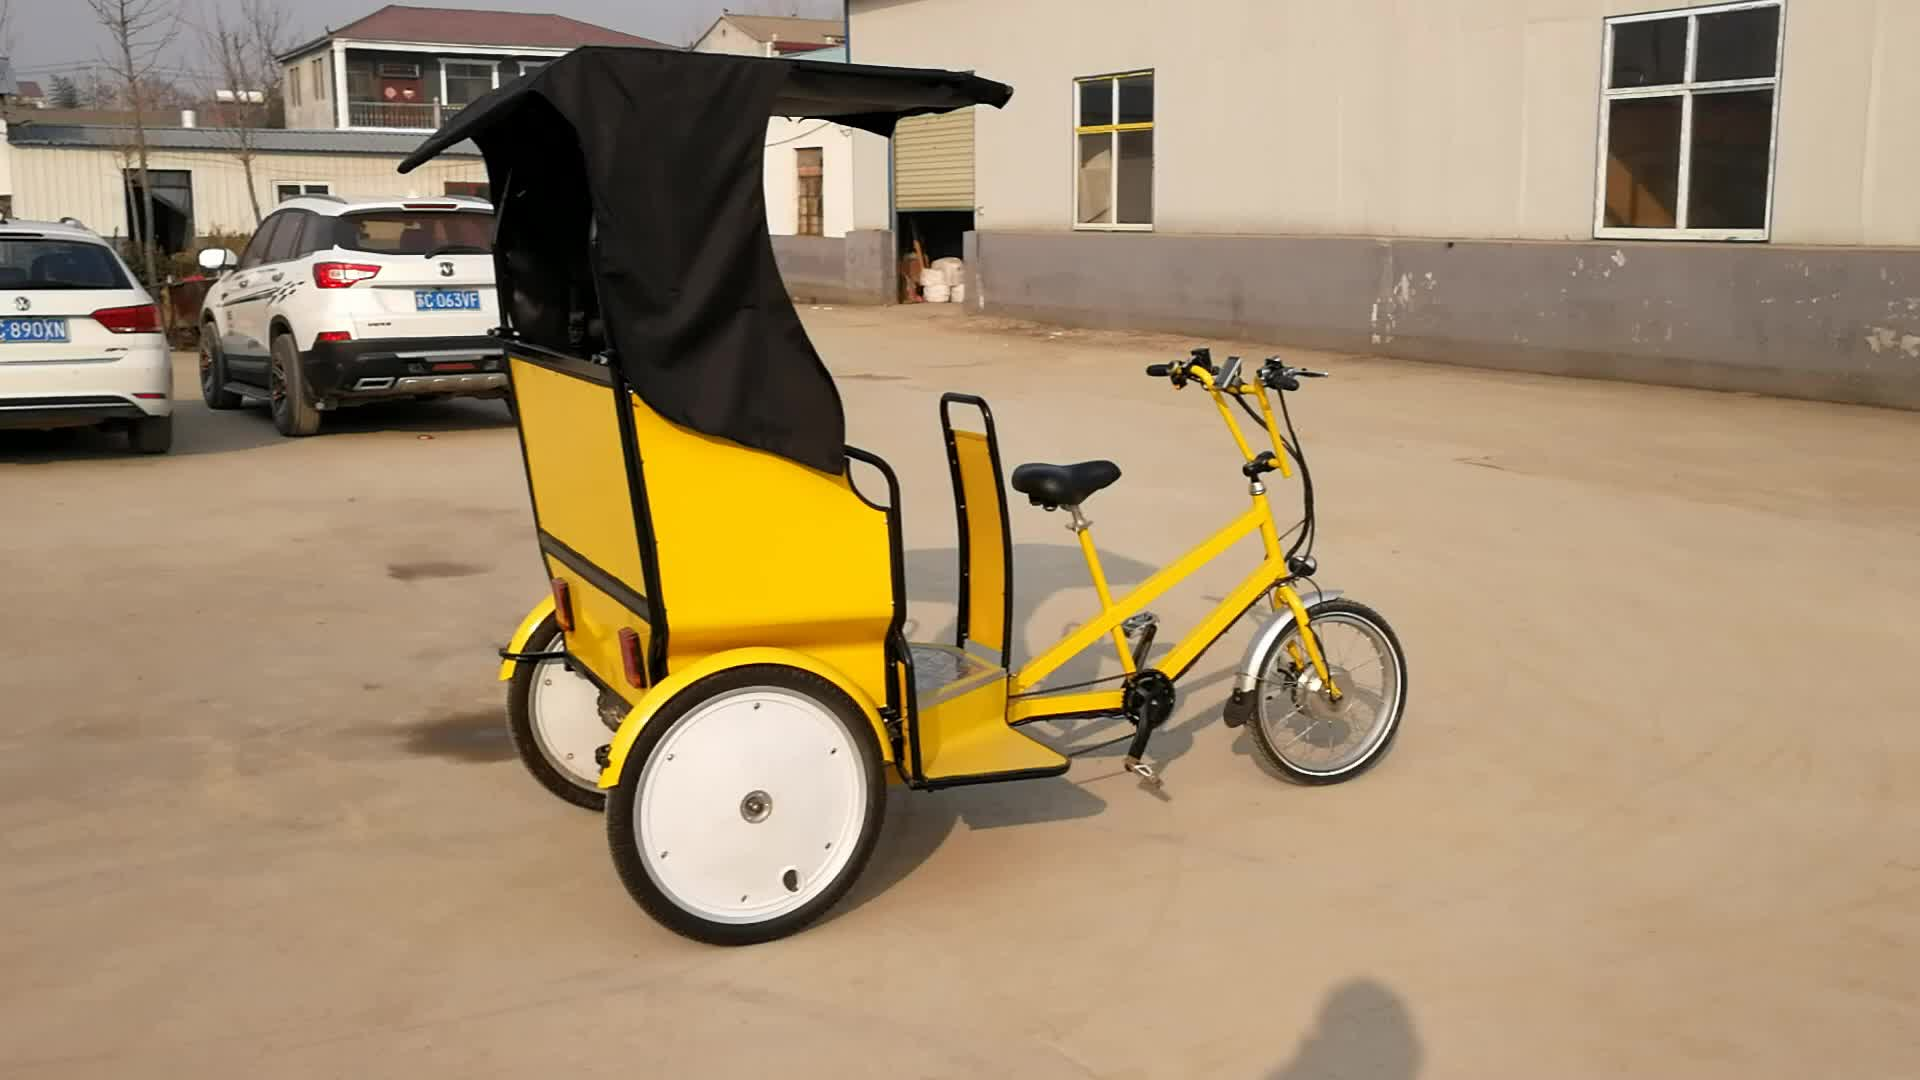 תלת אופן חשמלי סגור הפופולרי ביותר סוללה מטען דופנית ריקשה שלושה גלגל אופני